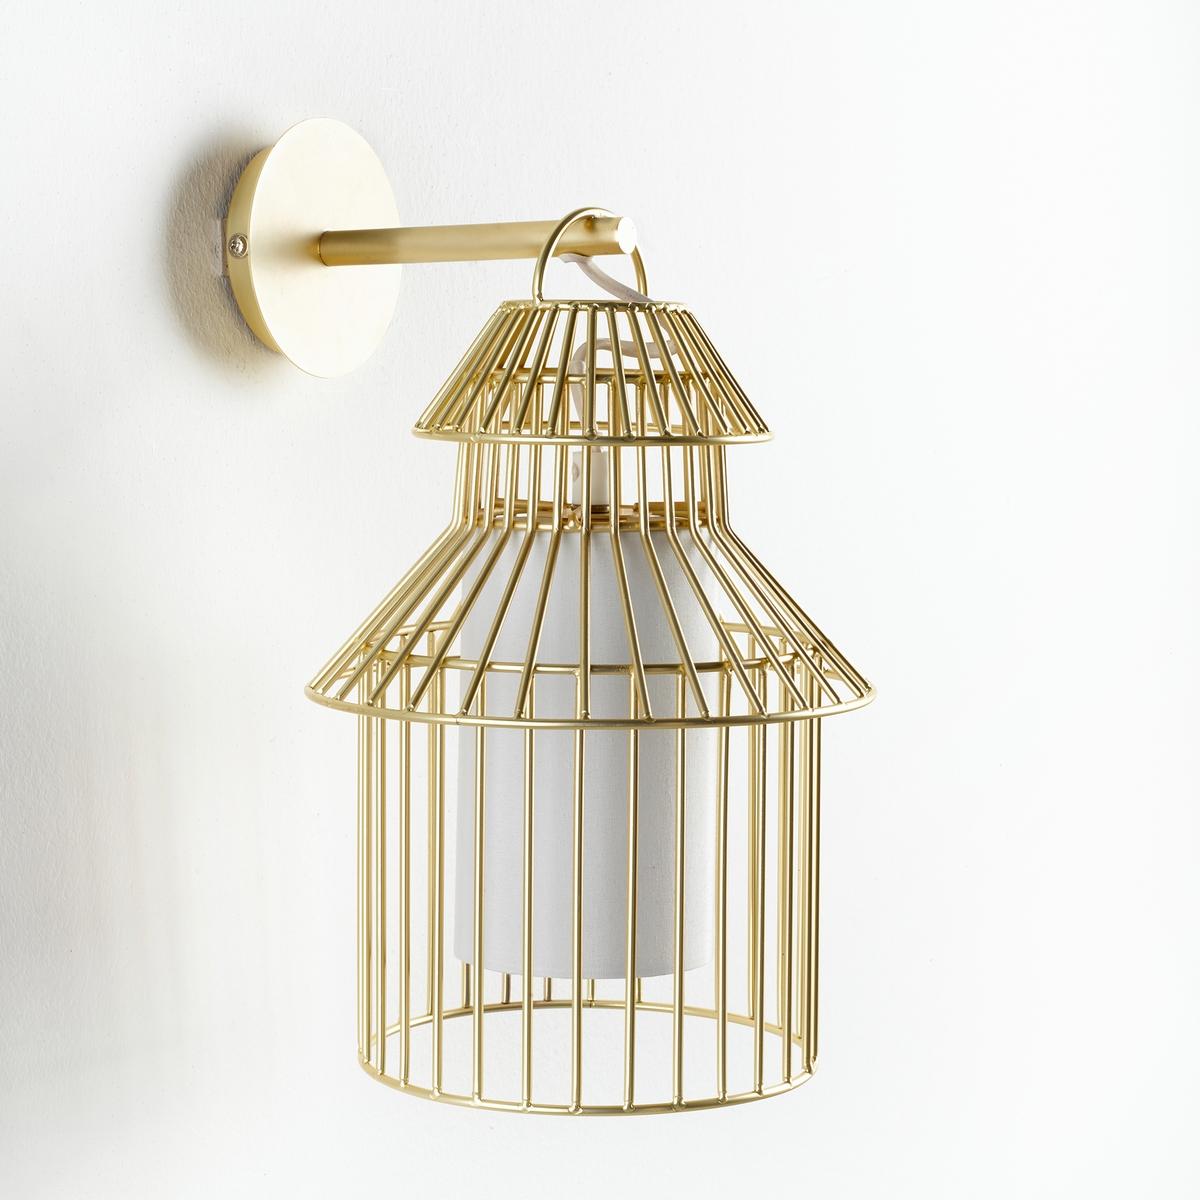 Бра в форме птичьей клетки, CuicuicuiБра Cuicuicui. Красивая птичья клетка золотистого цвета для создания мягкого освещения и поэтической нотки...Характеристики : - Проволочный каркас из металла с покрытием эпоксидной краской золотистого цвета- Оборудован защитными экранами, предохраняющими ребенка от контакта с лампой- Патрон G9 для лампы макс. 18 Вт (продается отдельно)- Совместим с лампами класса энергопотребления AРазмеры : - Ш.22 x В.33 x Г.19 см<br><br>Цвет: металл<br>Размер: единый размер